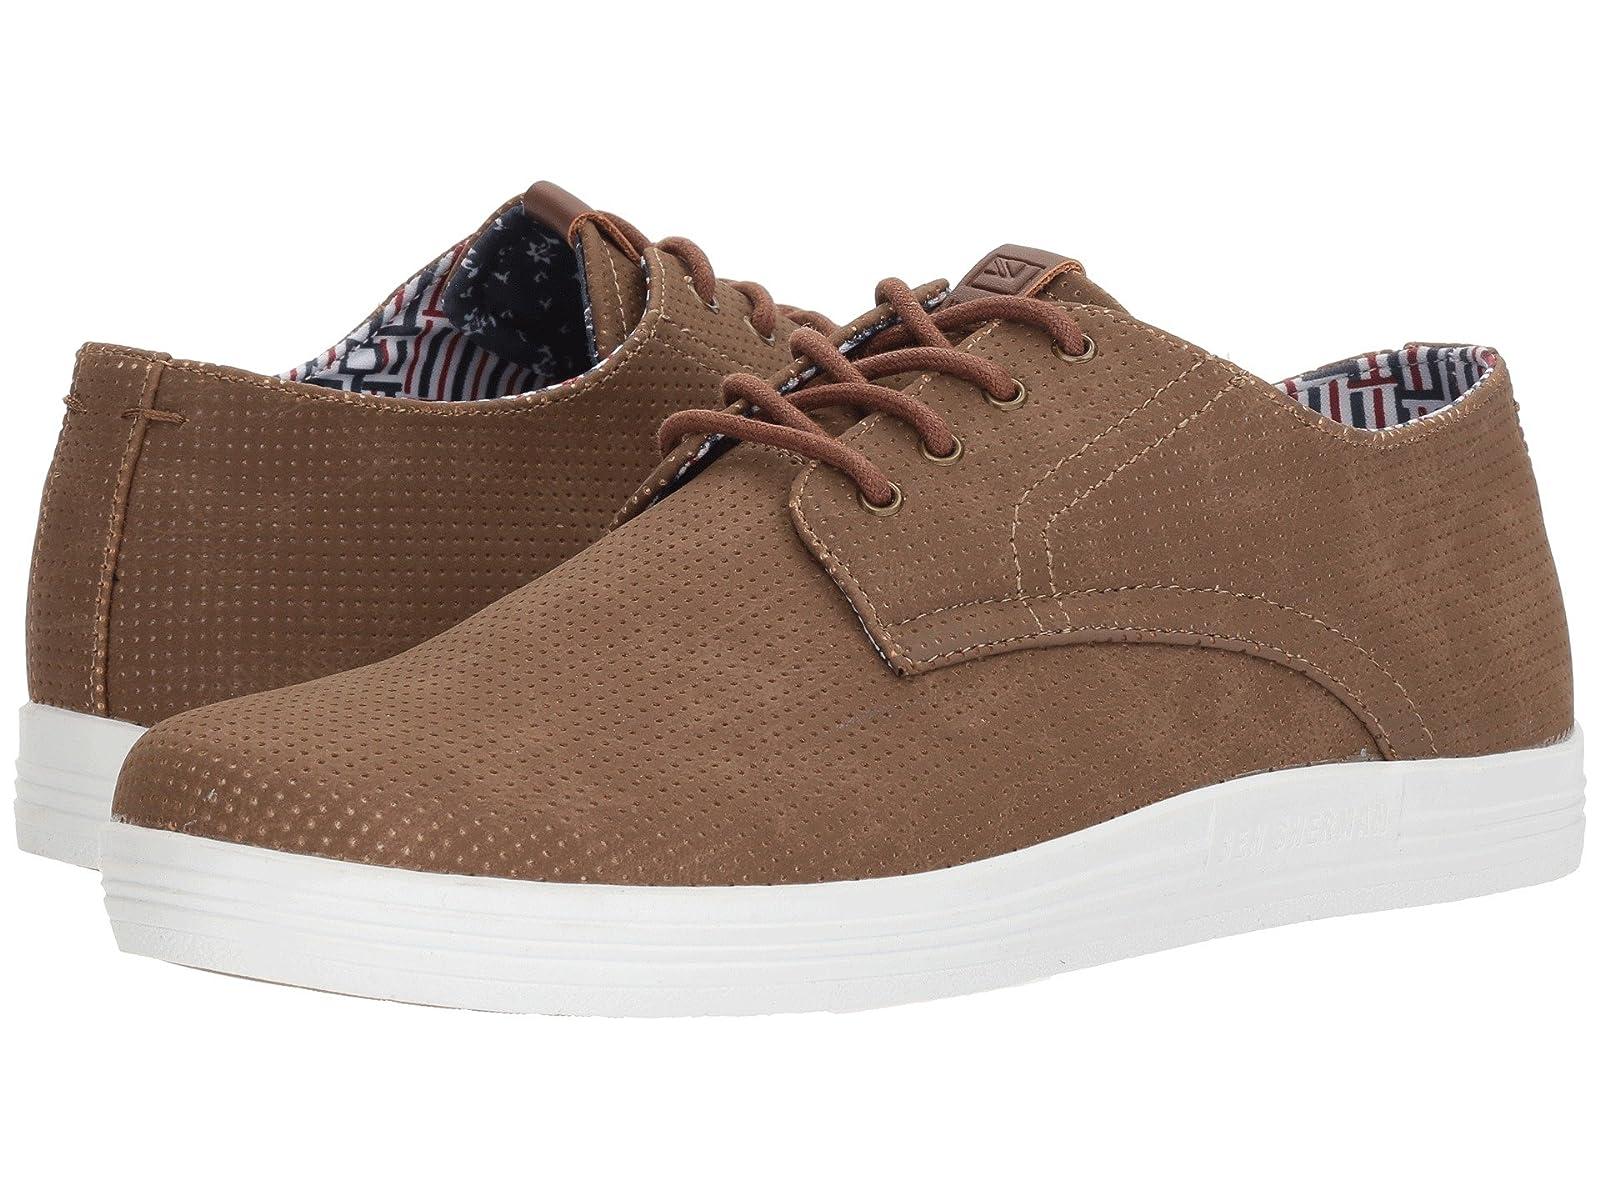 Ben Sherman Parnell OxfordAtmospheric grades have affordable shoes